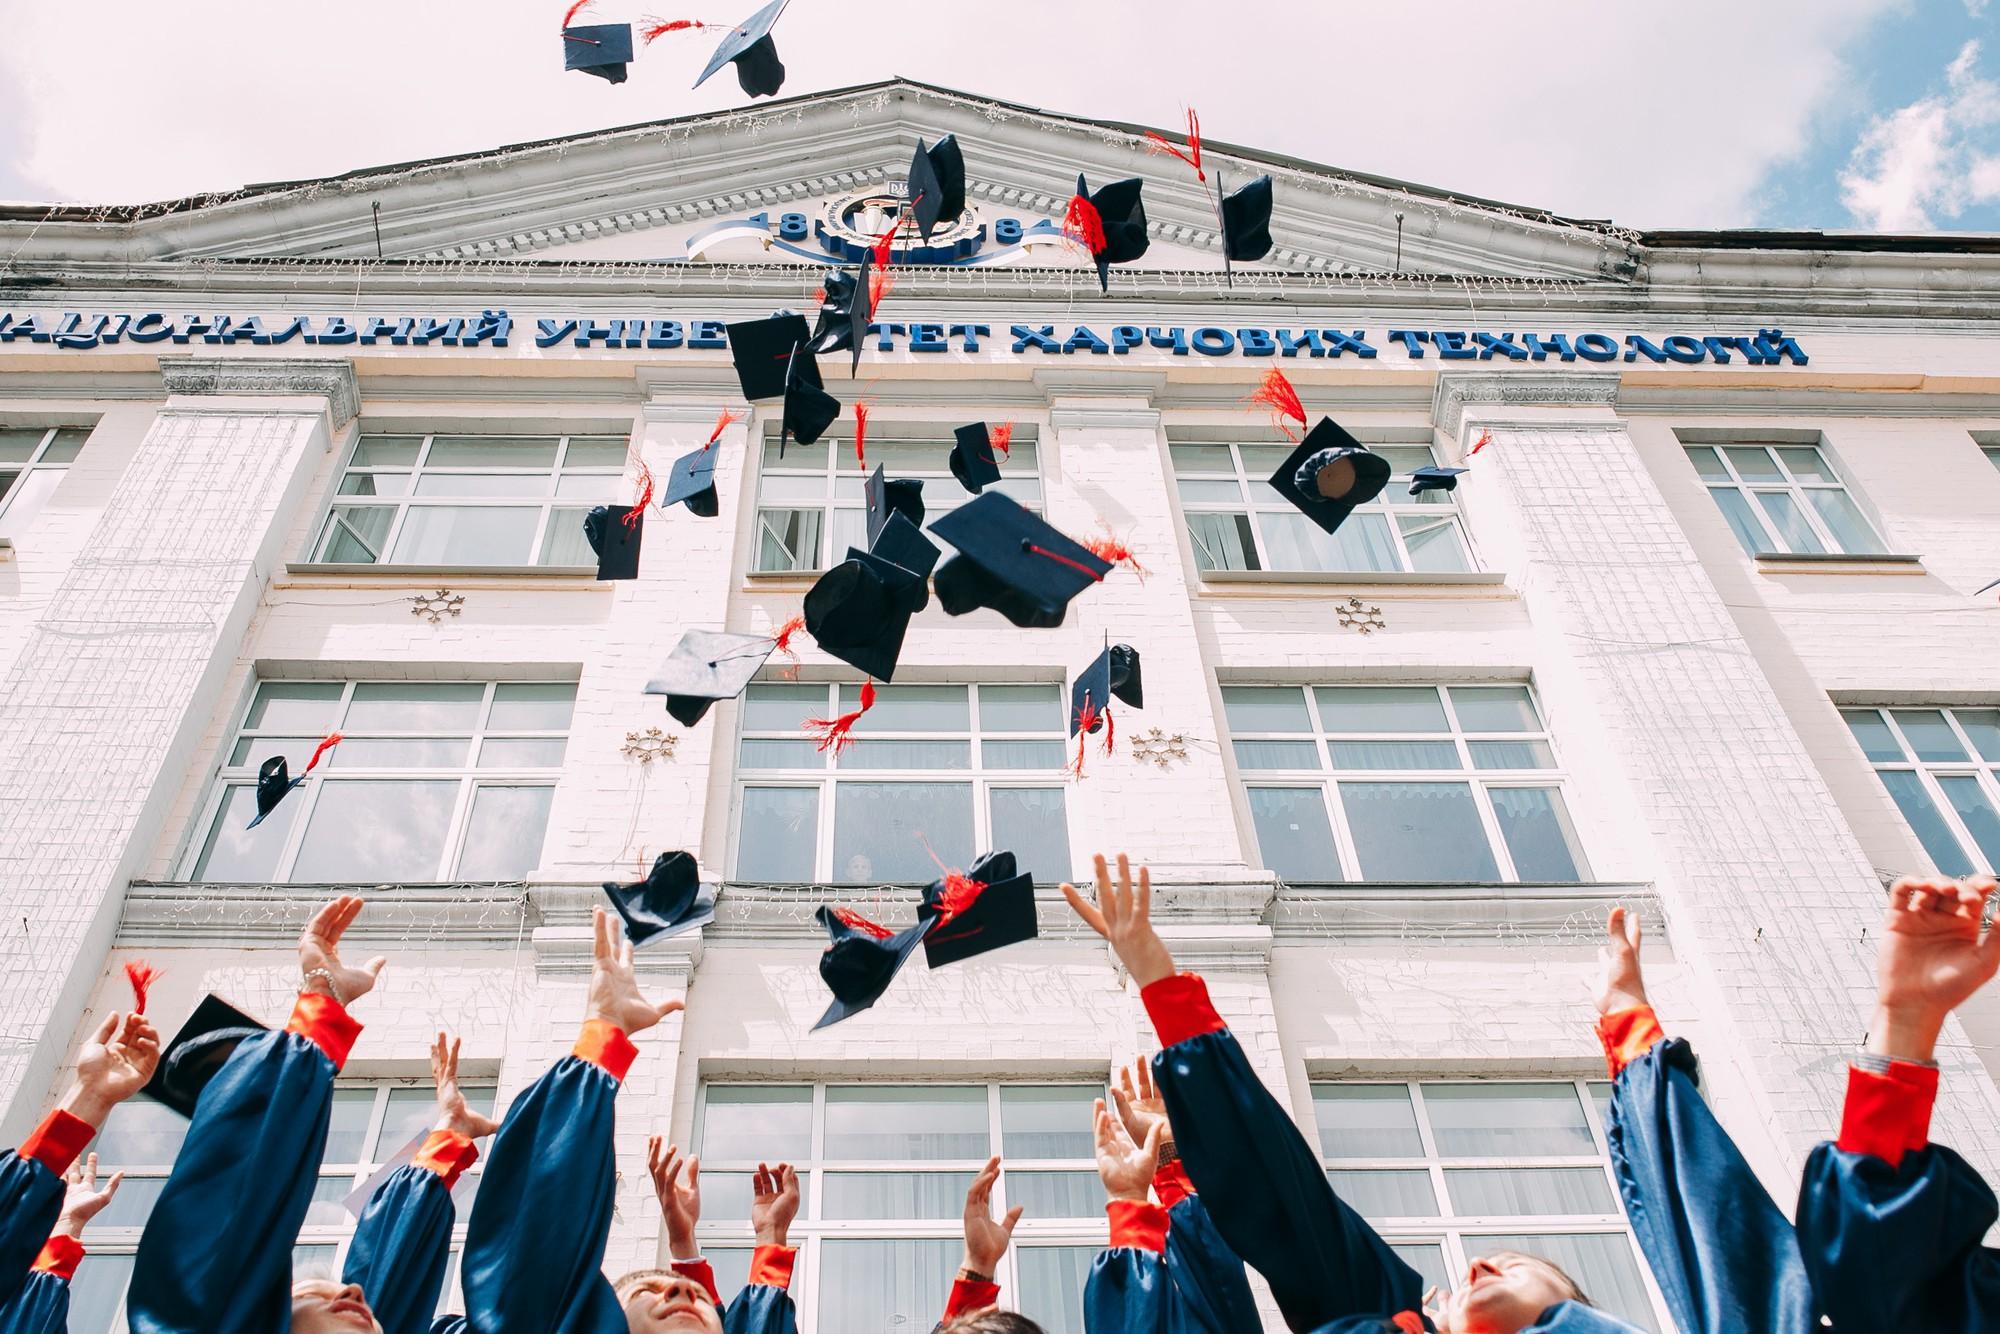 Trước khi tốt nghiệp đại học, nếu không nhận ra những điều này thì bạn sẽ mãi chênh vênh trước ngưỡng cửa cuộc đời - Ảnh 4.